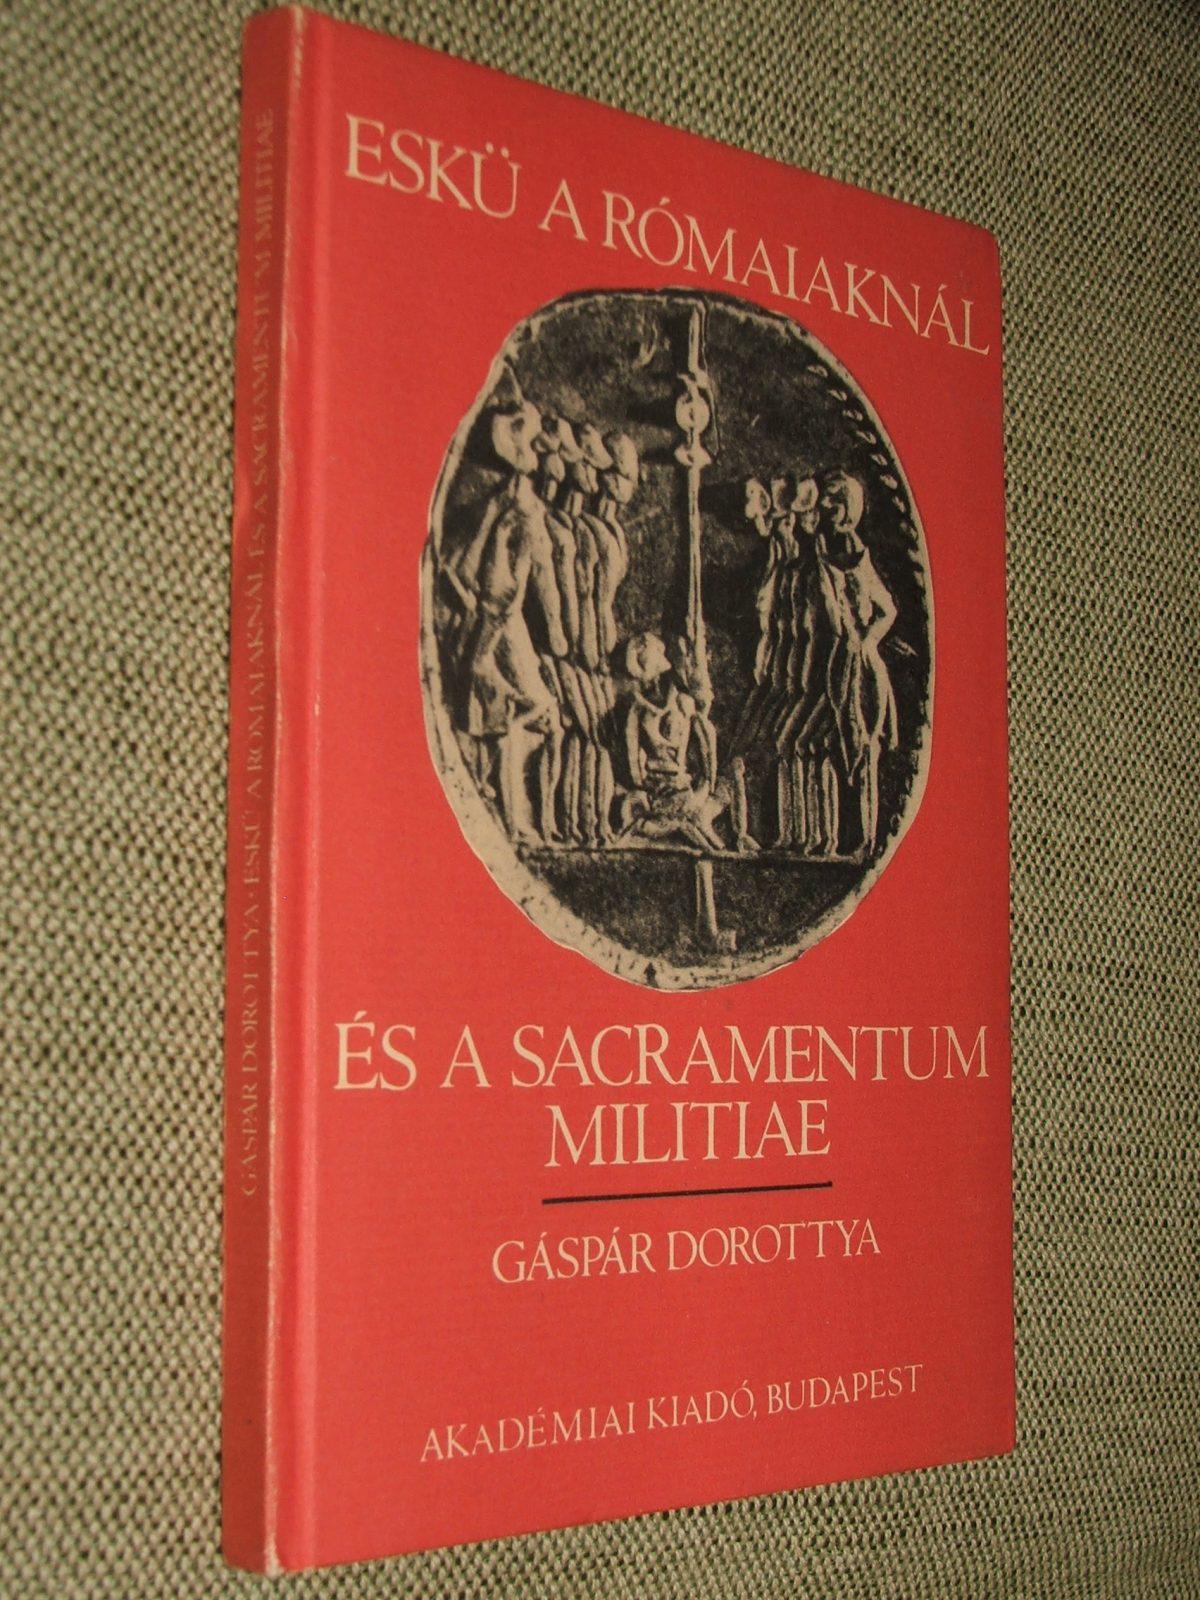 GÁSPÁR Dorottya: Eskü a rómaiaknál és a Sacramentum militiae